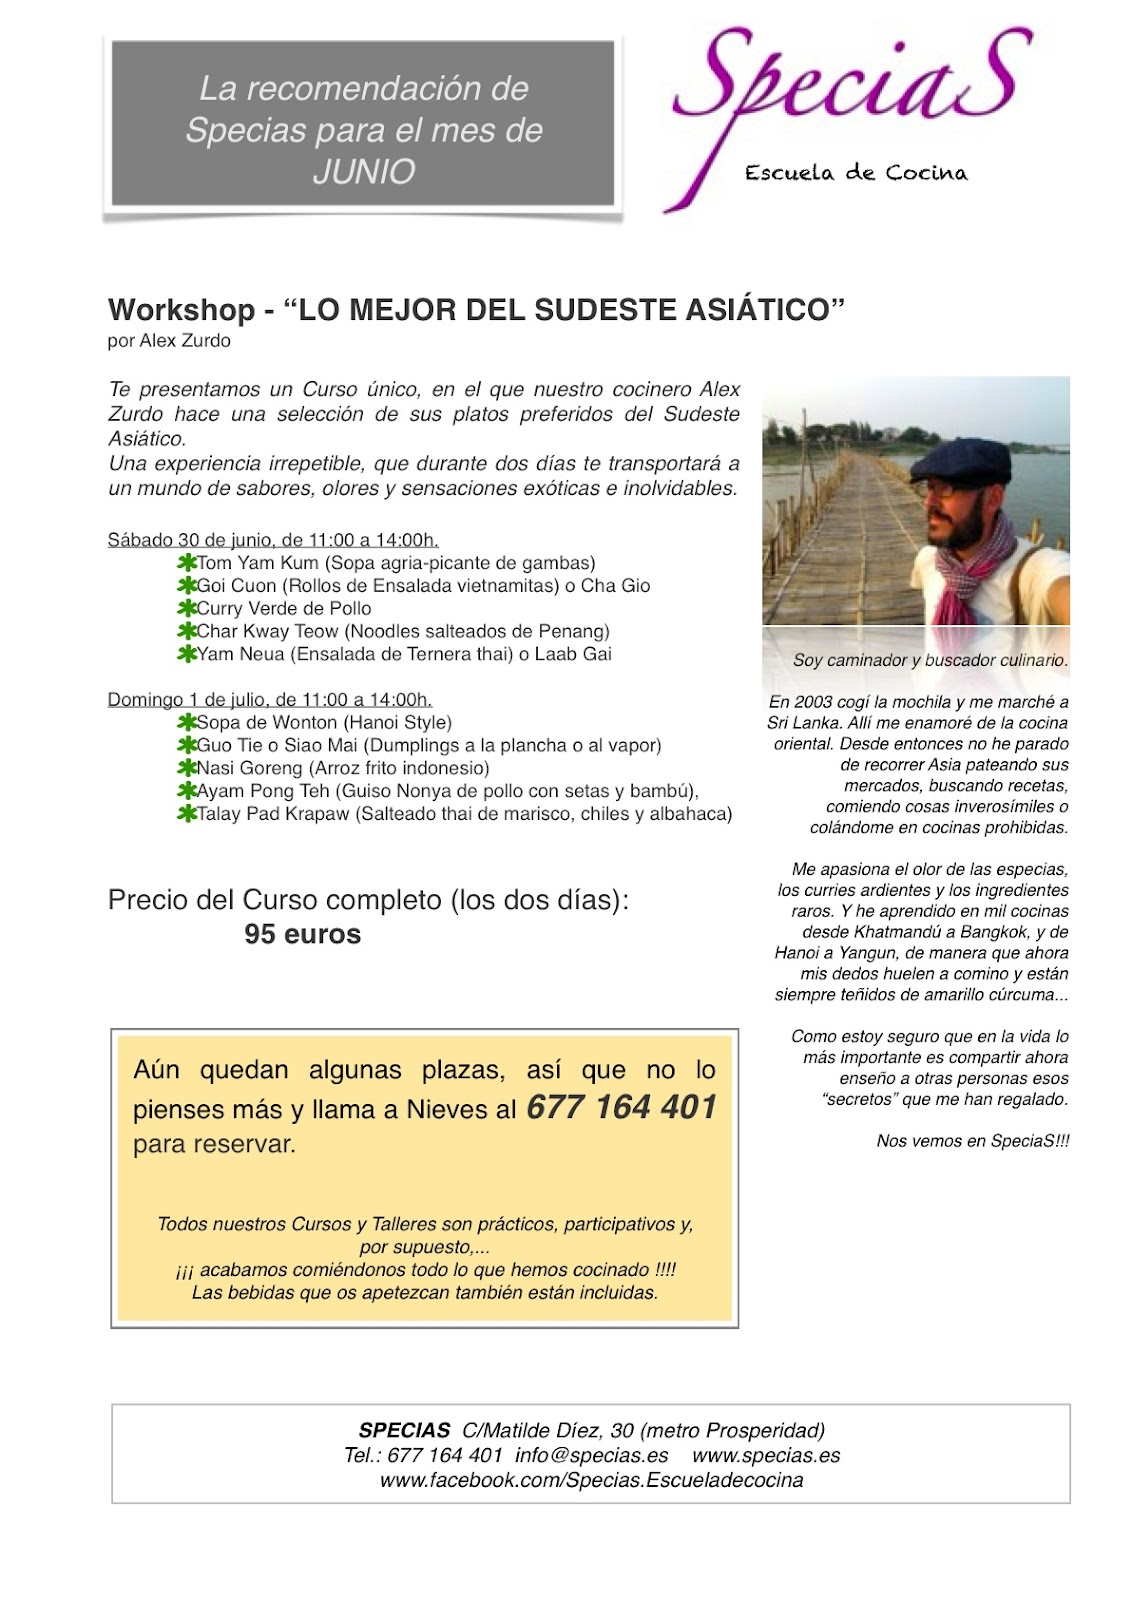 http://3.bp.blogspot.com/-Wx0OqkGSAN4/T-h2hEac64I/AAAAAAAABVE/3MavhQaLp0A/s1600/CocinaAsiatica1.jpg